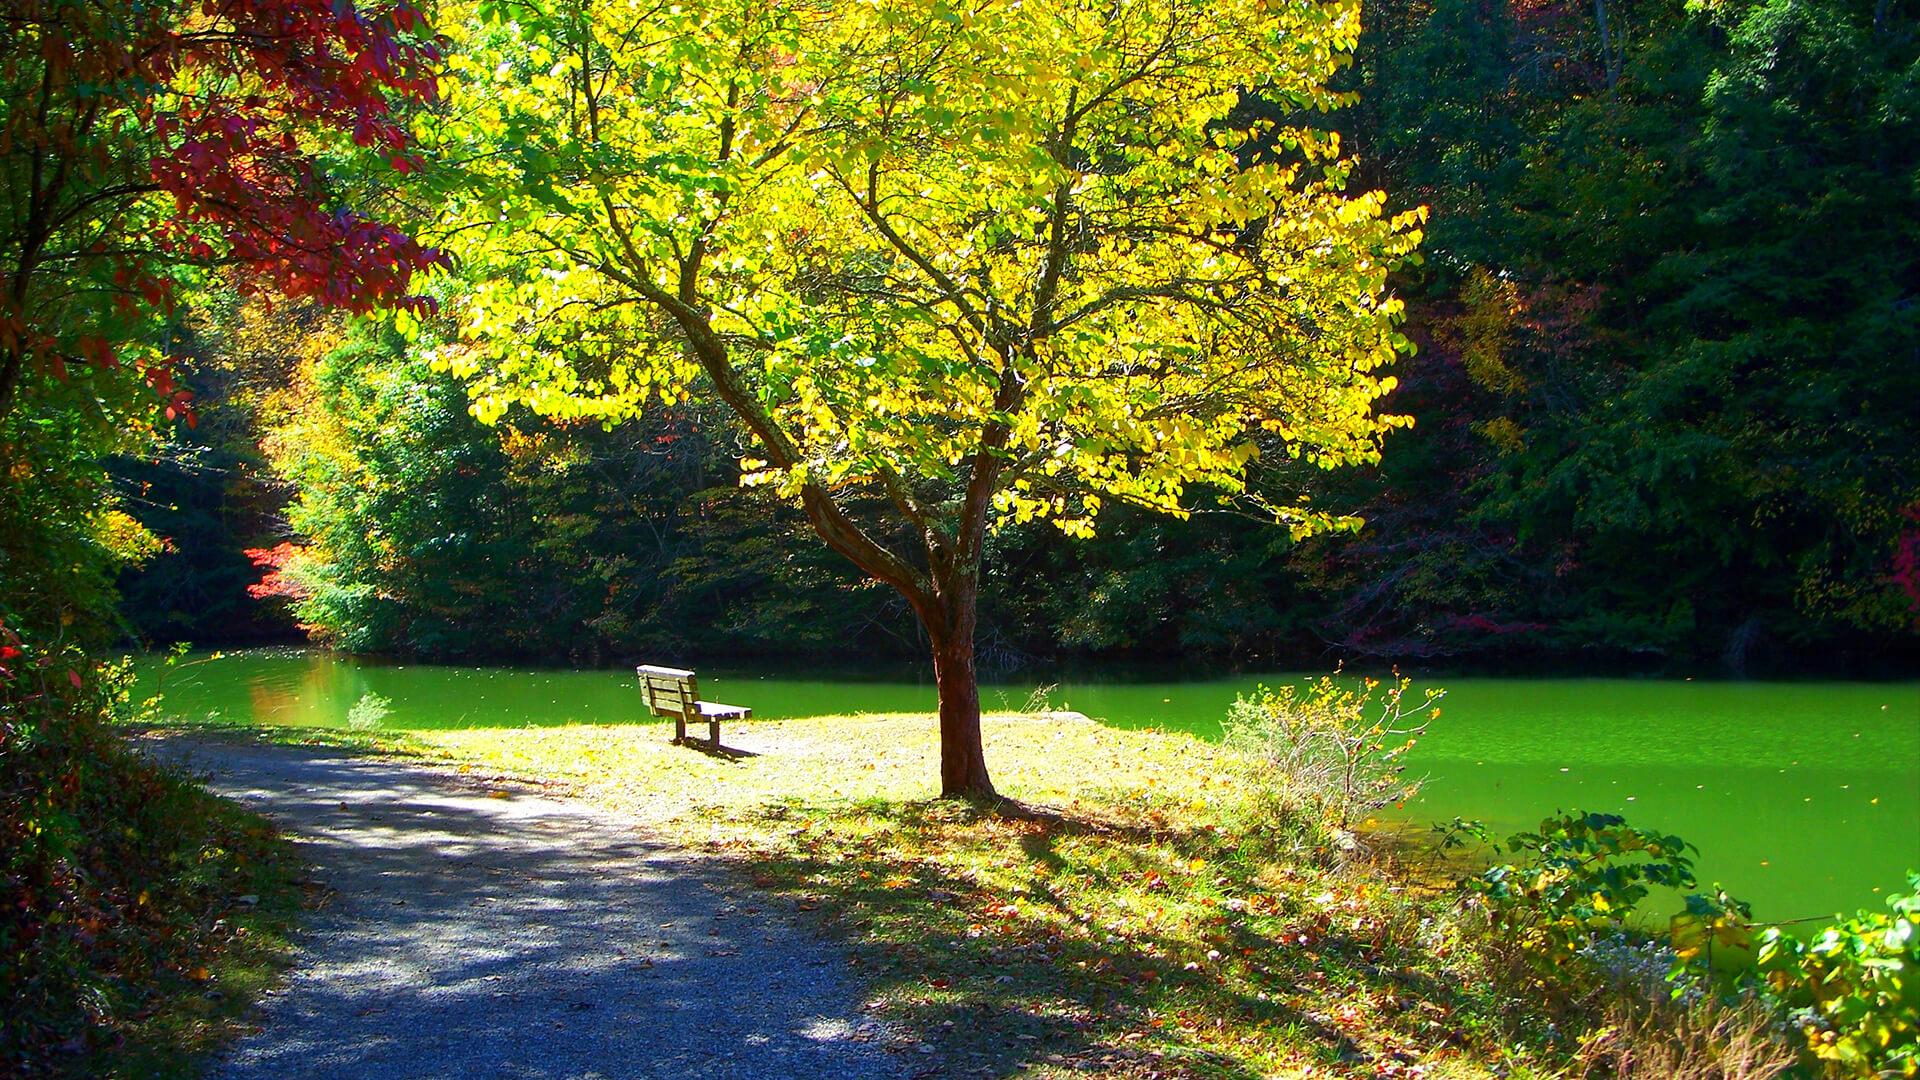 Steele Creek Park Poisonous Flora And Fauna At Bristol Public